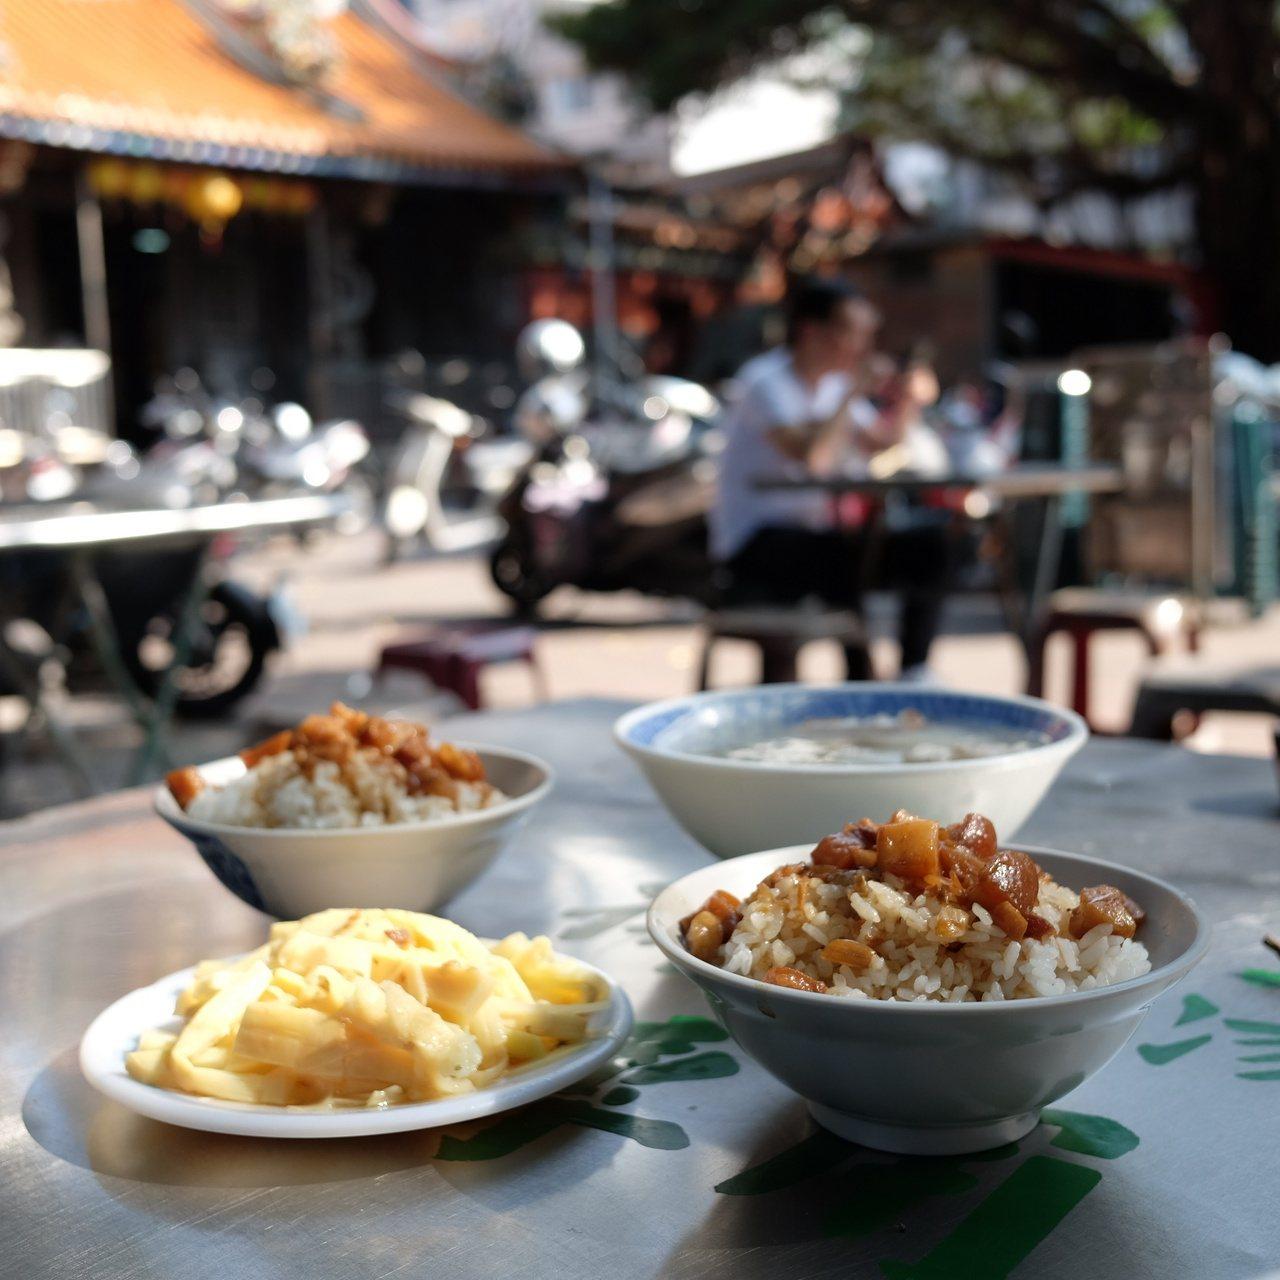 原汁排骨湯配上一碗魯肉飯,就是古早的好滋味。 圖/黃仕揚 攝影